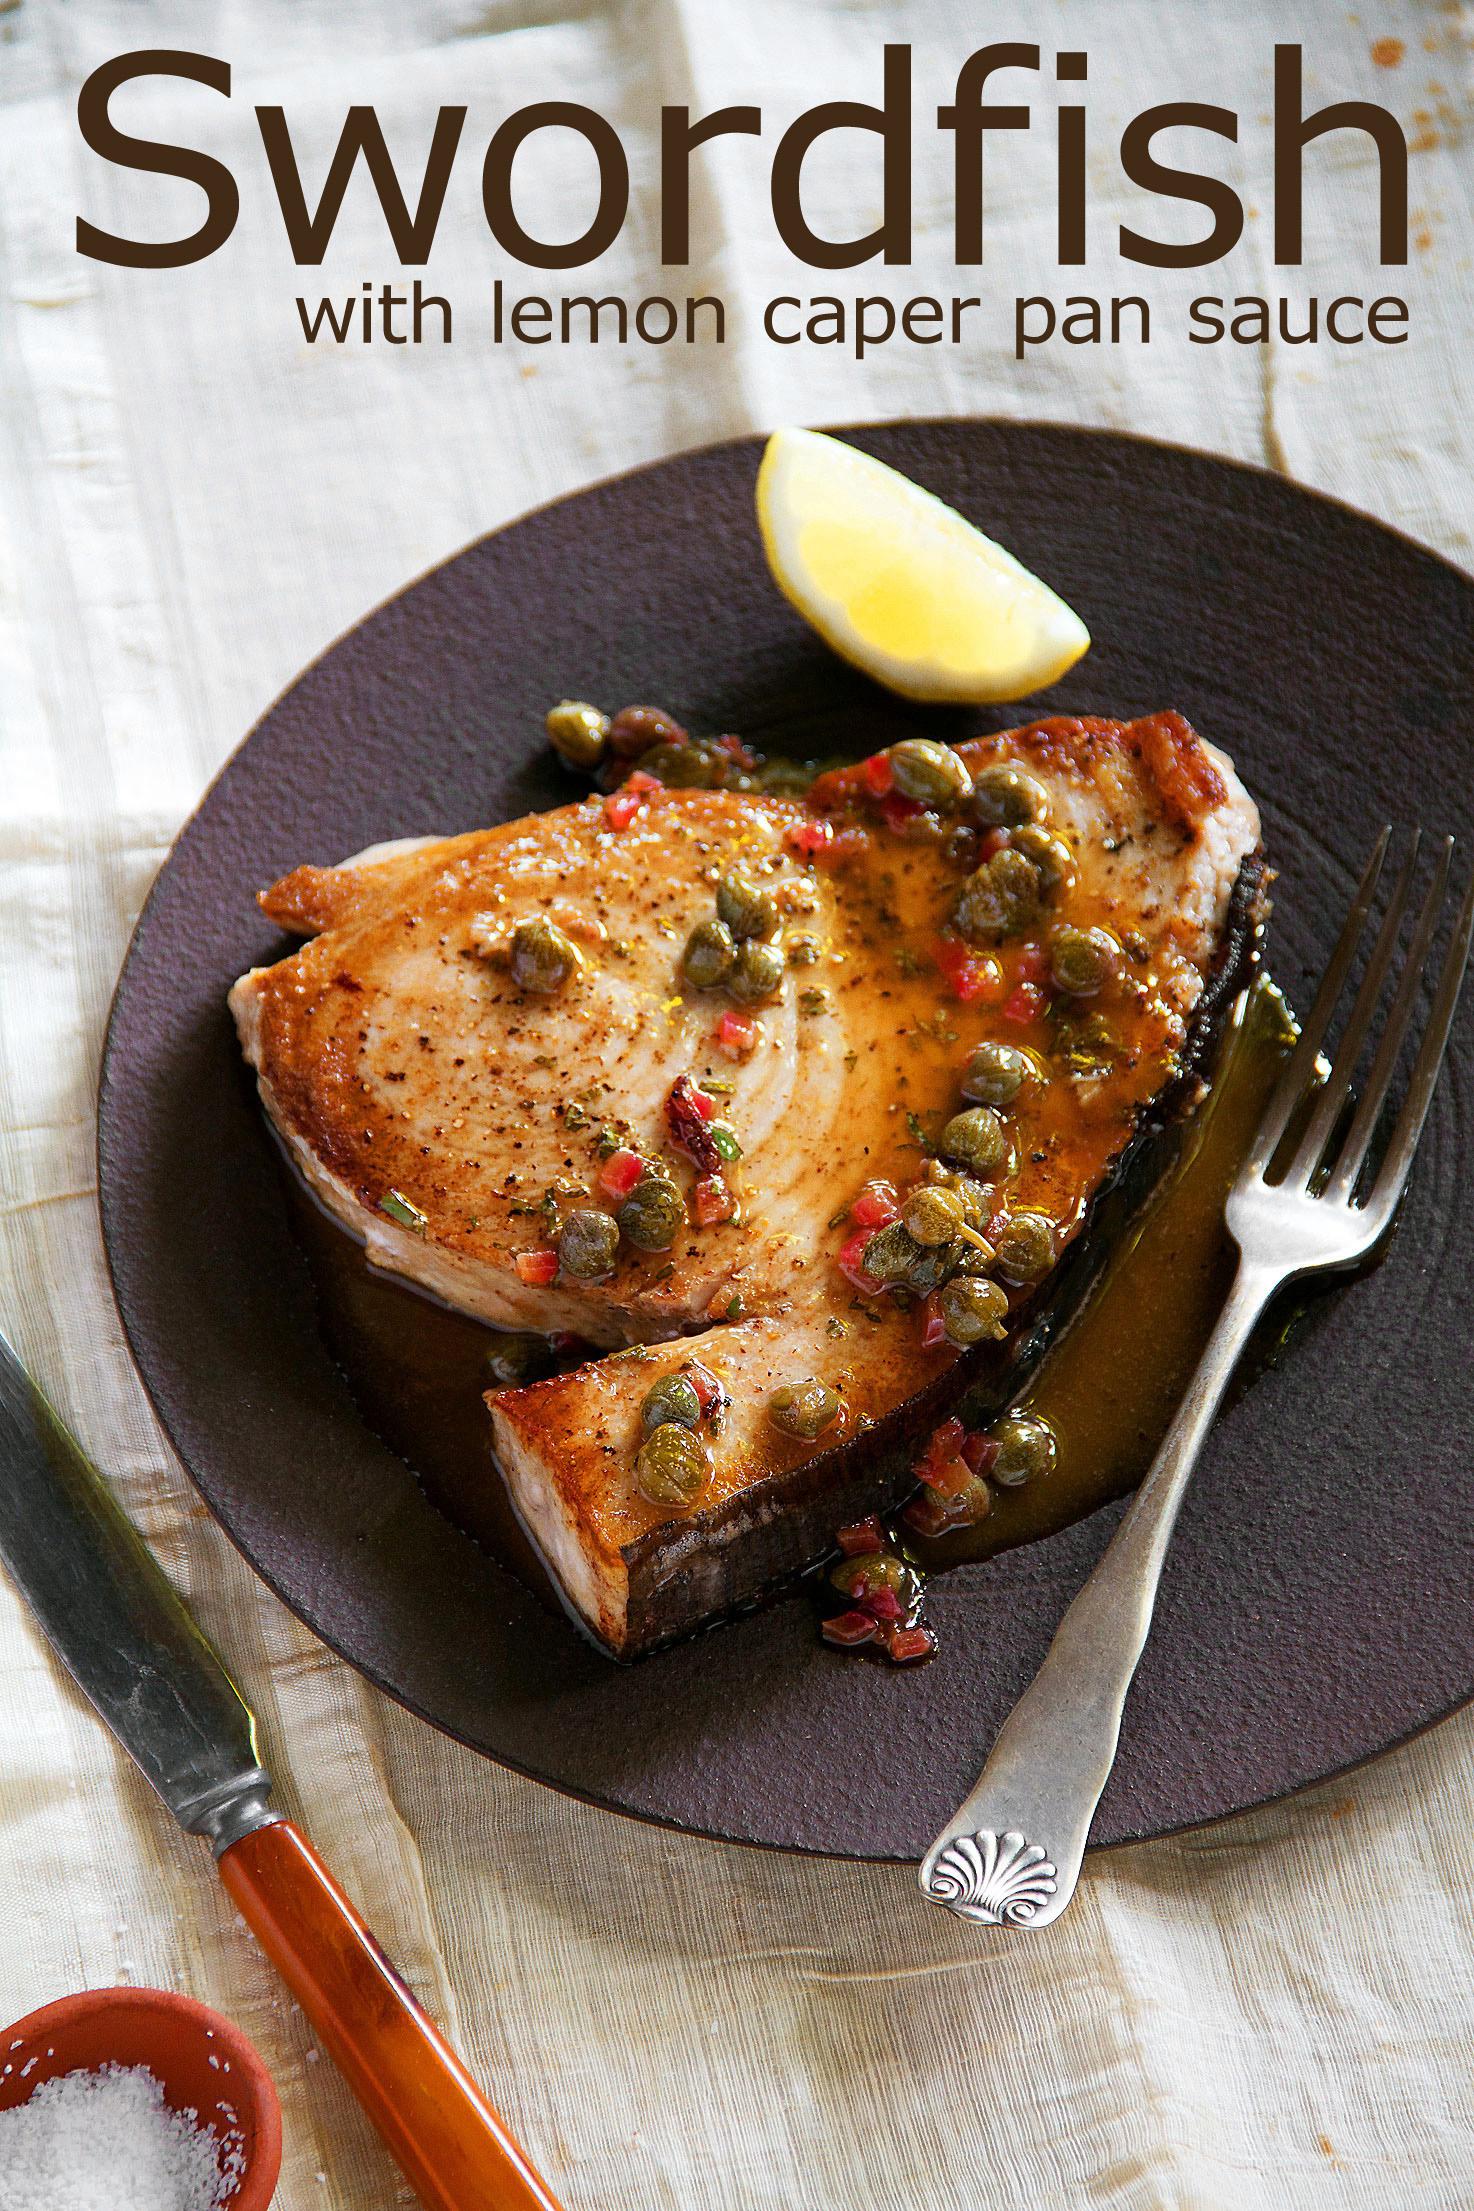 Swordfish with a Simple Pan Sauce